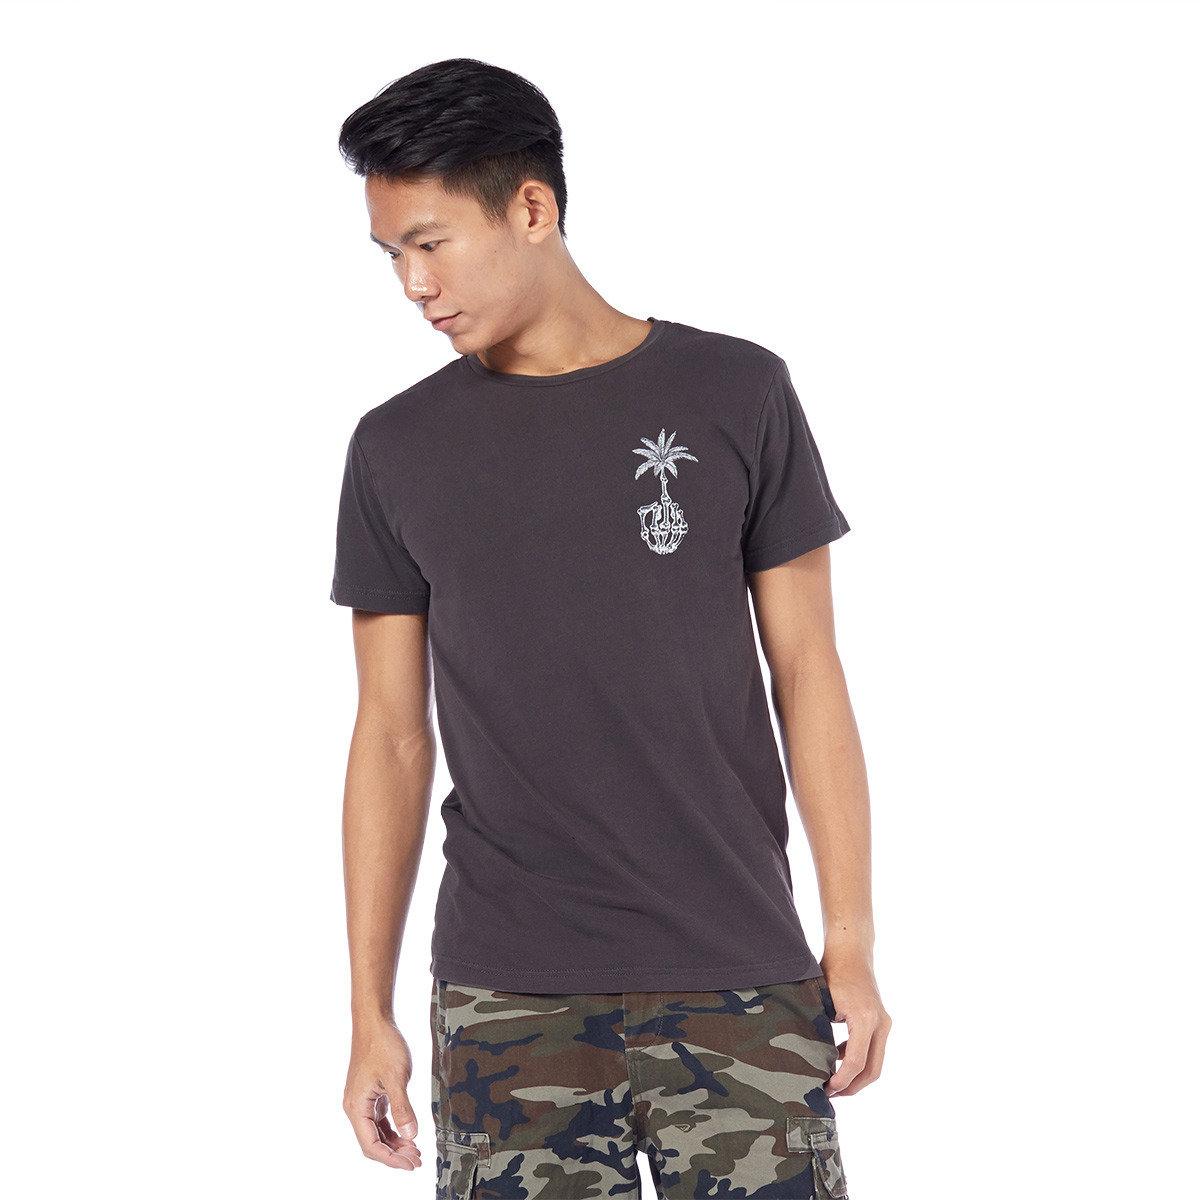 椰樹與骷髗手印花短袖T恤